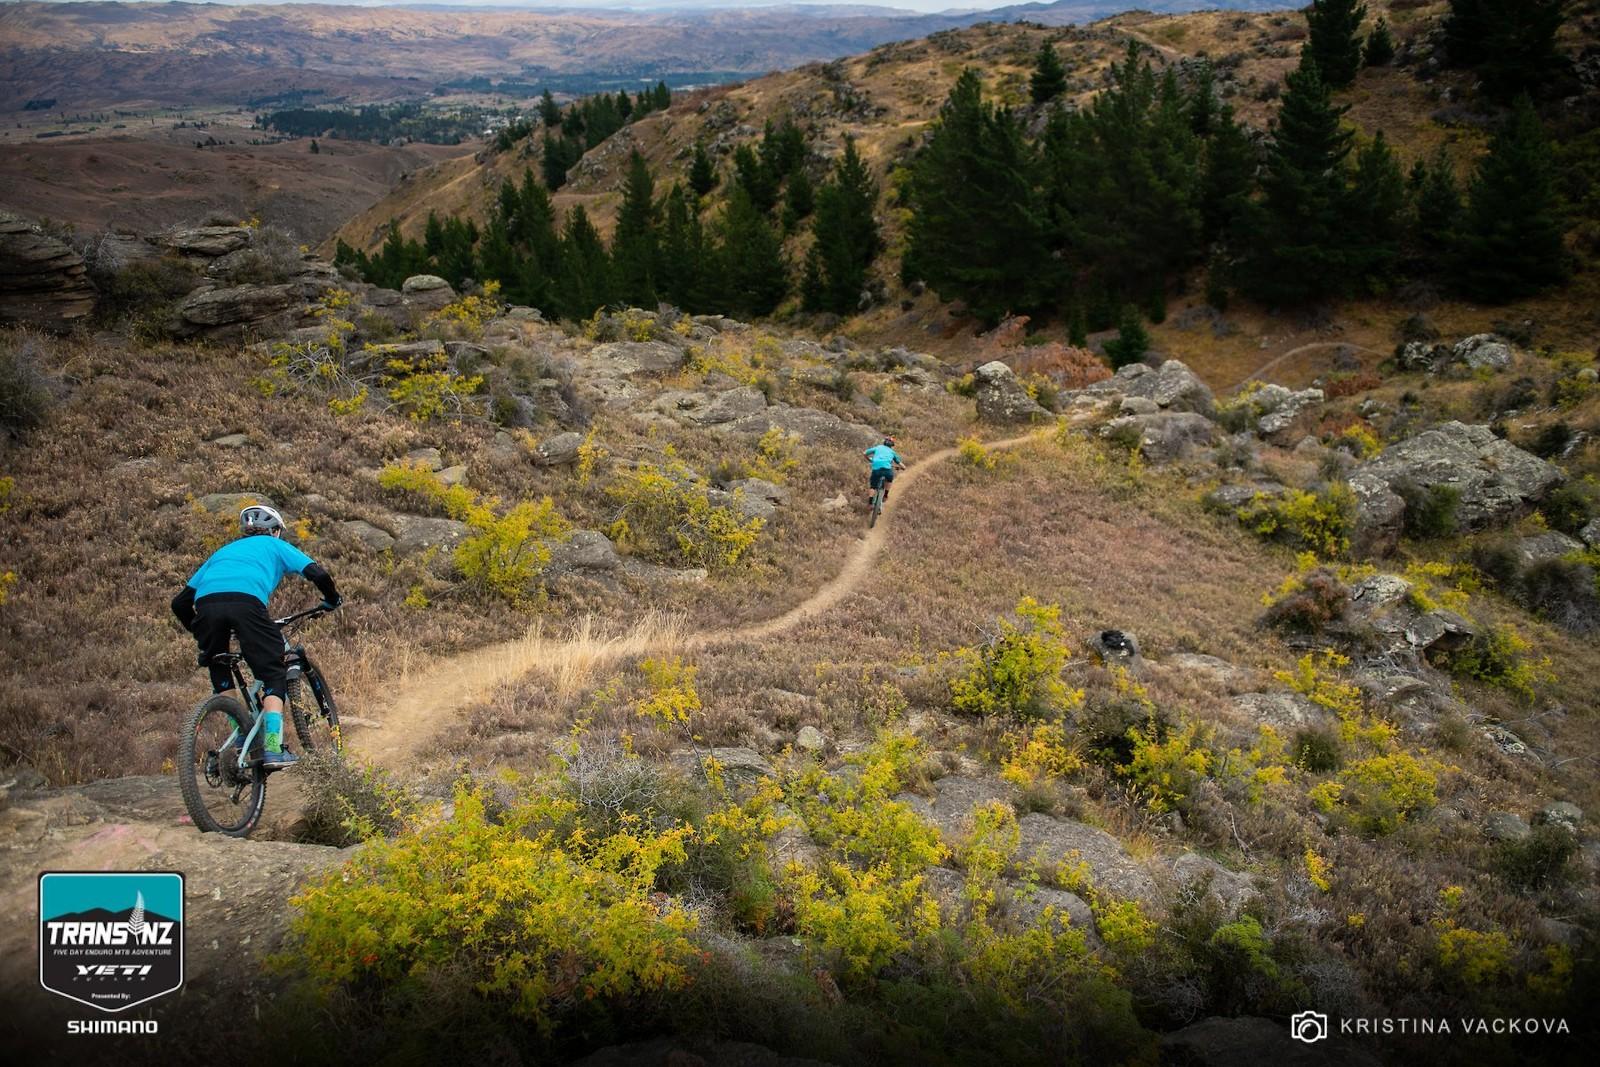 53165216 2243521489025180 7951716912969285632 o - FlowyMcFlowerton - Mountain Biking Pictures - Vital MTB